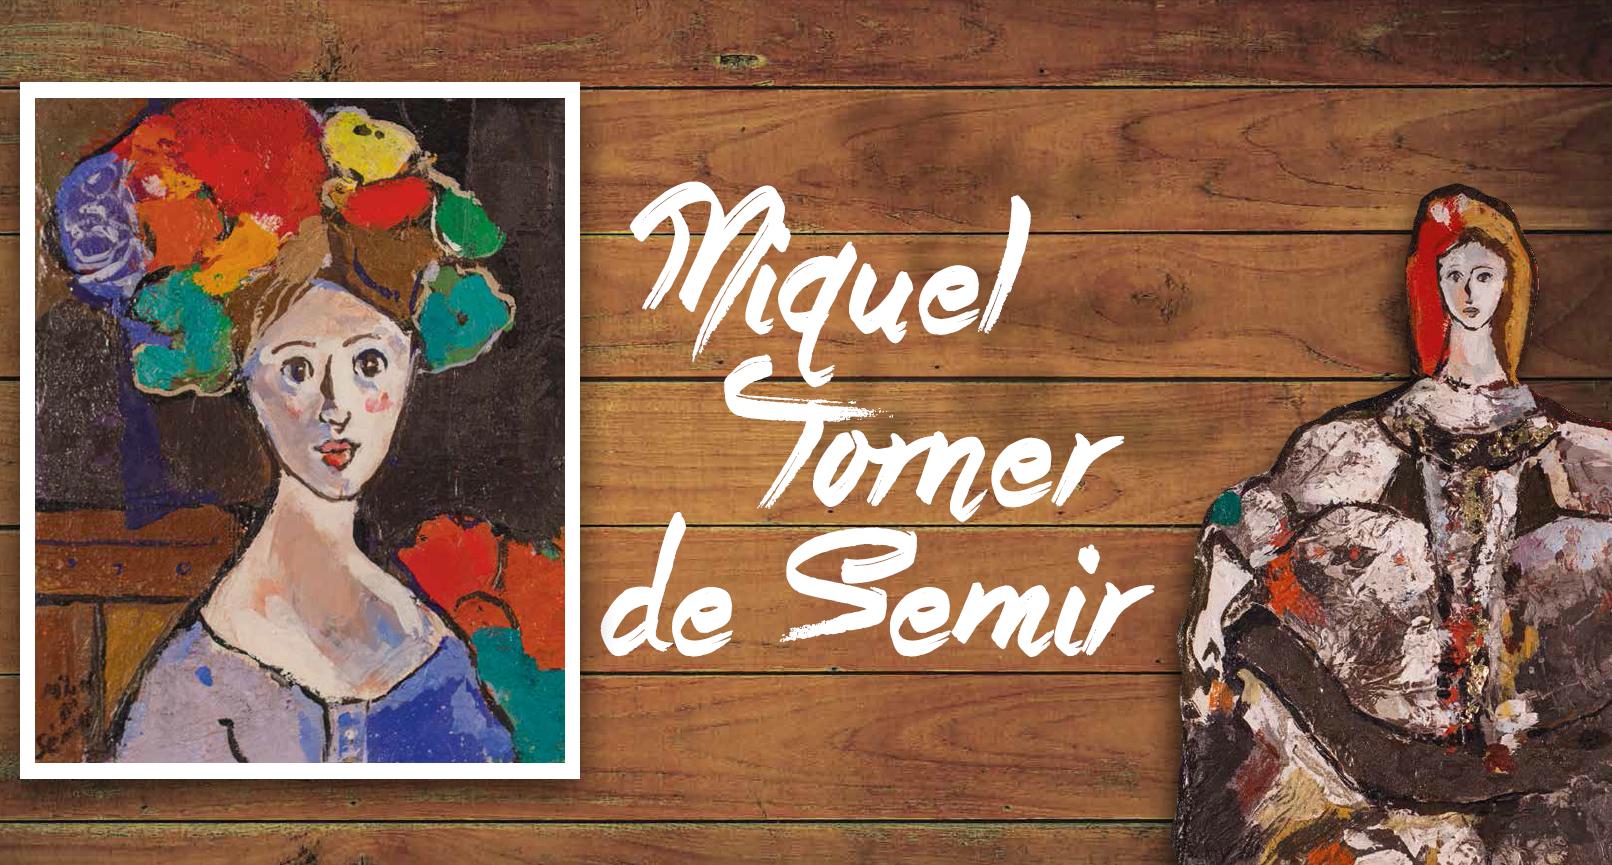 Miquel Torner de Semir exposa una retrospectiva de la seva obra al Fòrum Berger Balaguer